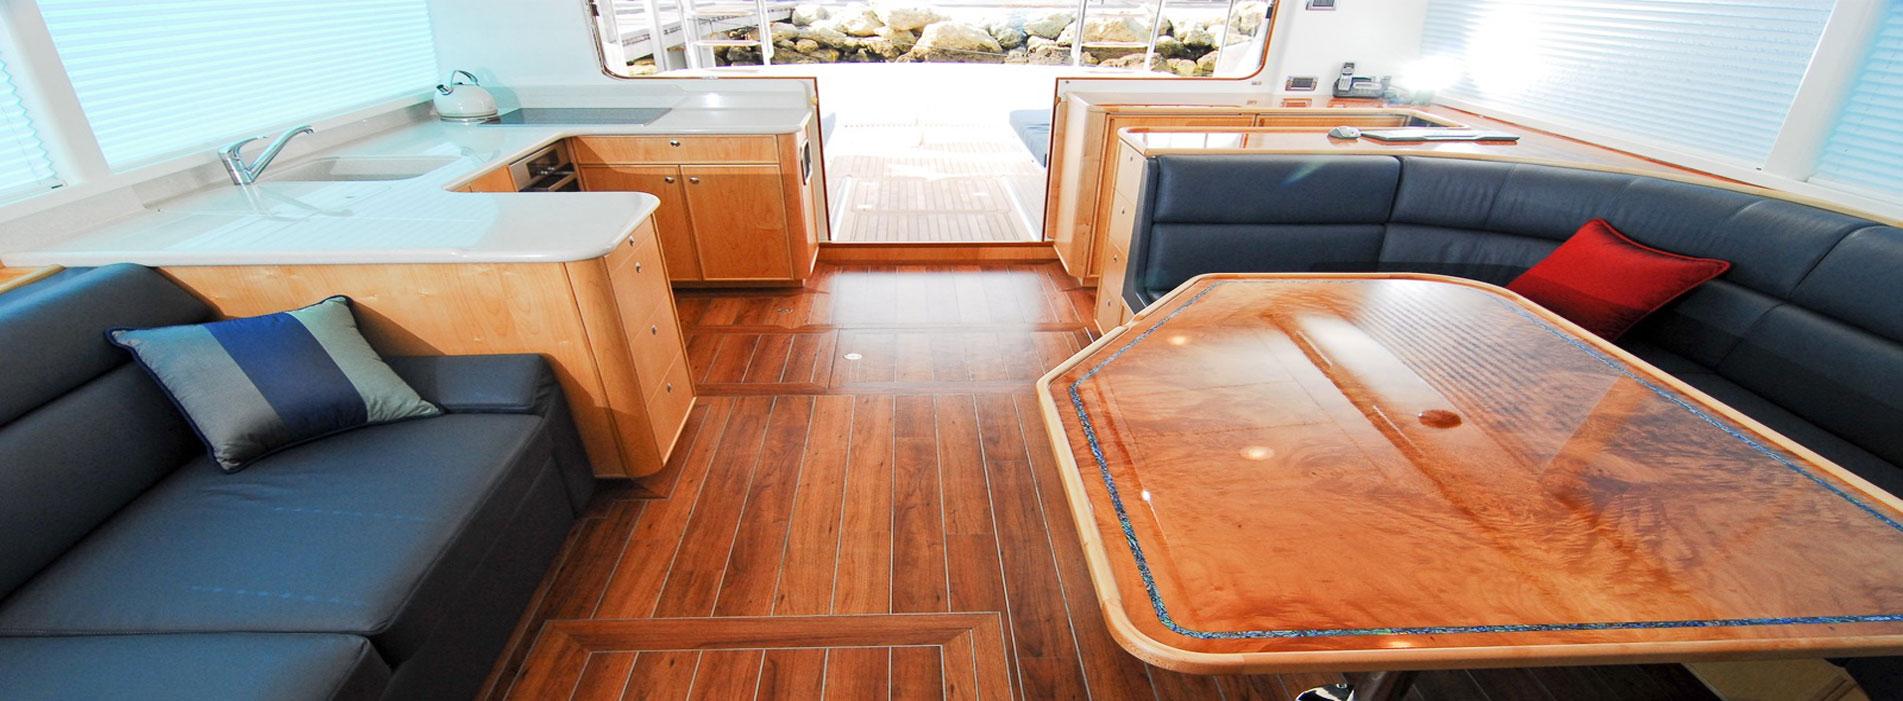 JUDE-INTERIOR-cabin-boat-charters-perth-wa